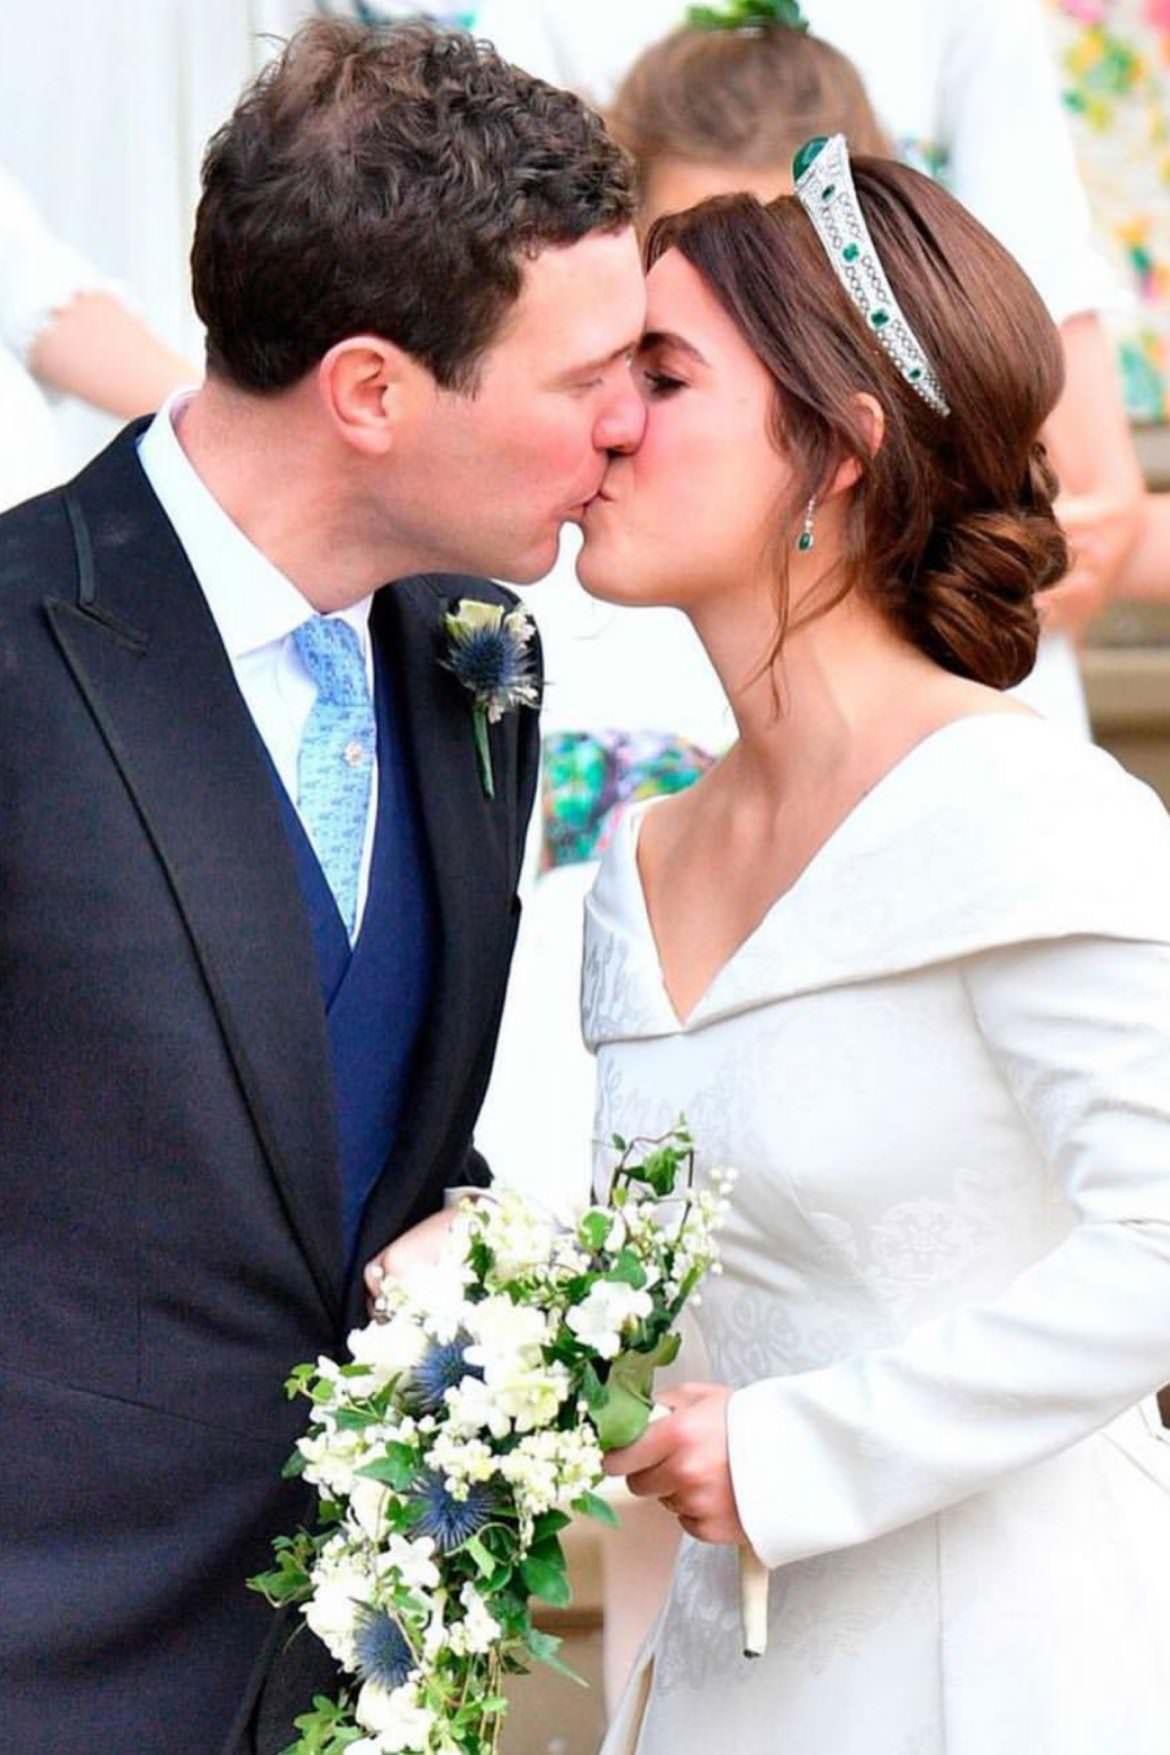 Il secondo matrimonio reale dell'anno: la principessa Eugenie di York si sposa.